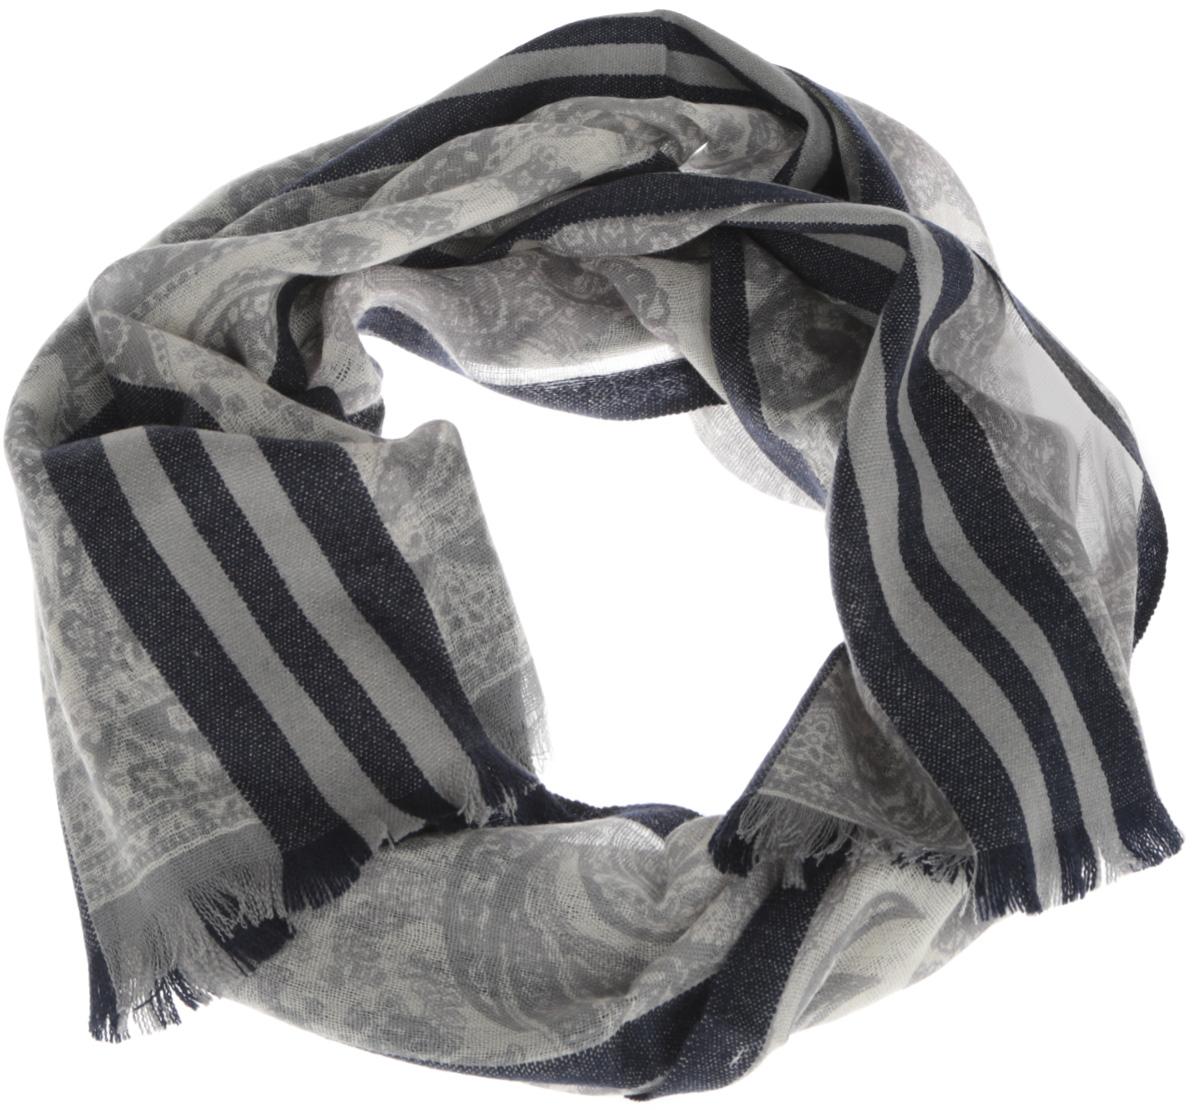 ШарфU41-5566Элегантный мужской шарф Eleganzza согреет вас в холодное время года, а также станет изысканным аксессуаром, который призван подчеркнуть ваш стиль и индивидуальность. Оригинальный и стильный шарф выполнен из высококачественной 100% шерсти мериноса, он оформлен изысканным орнаментом в восточном стиле и украшен тонкой бахромой по краю. Такой шарф станет превосходным дополнением к любому наряду, защитит вас от ветра и холода, и позволит вам создать свой неповторимый стиль.